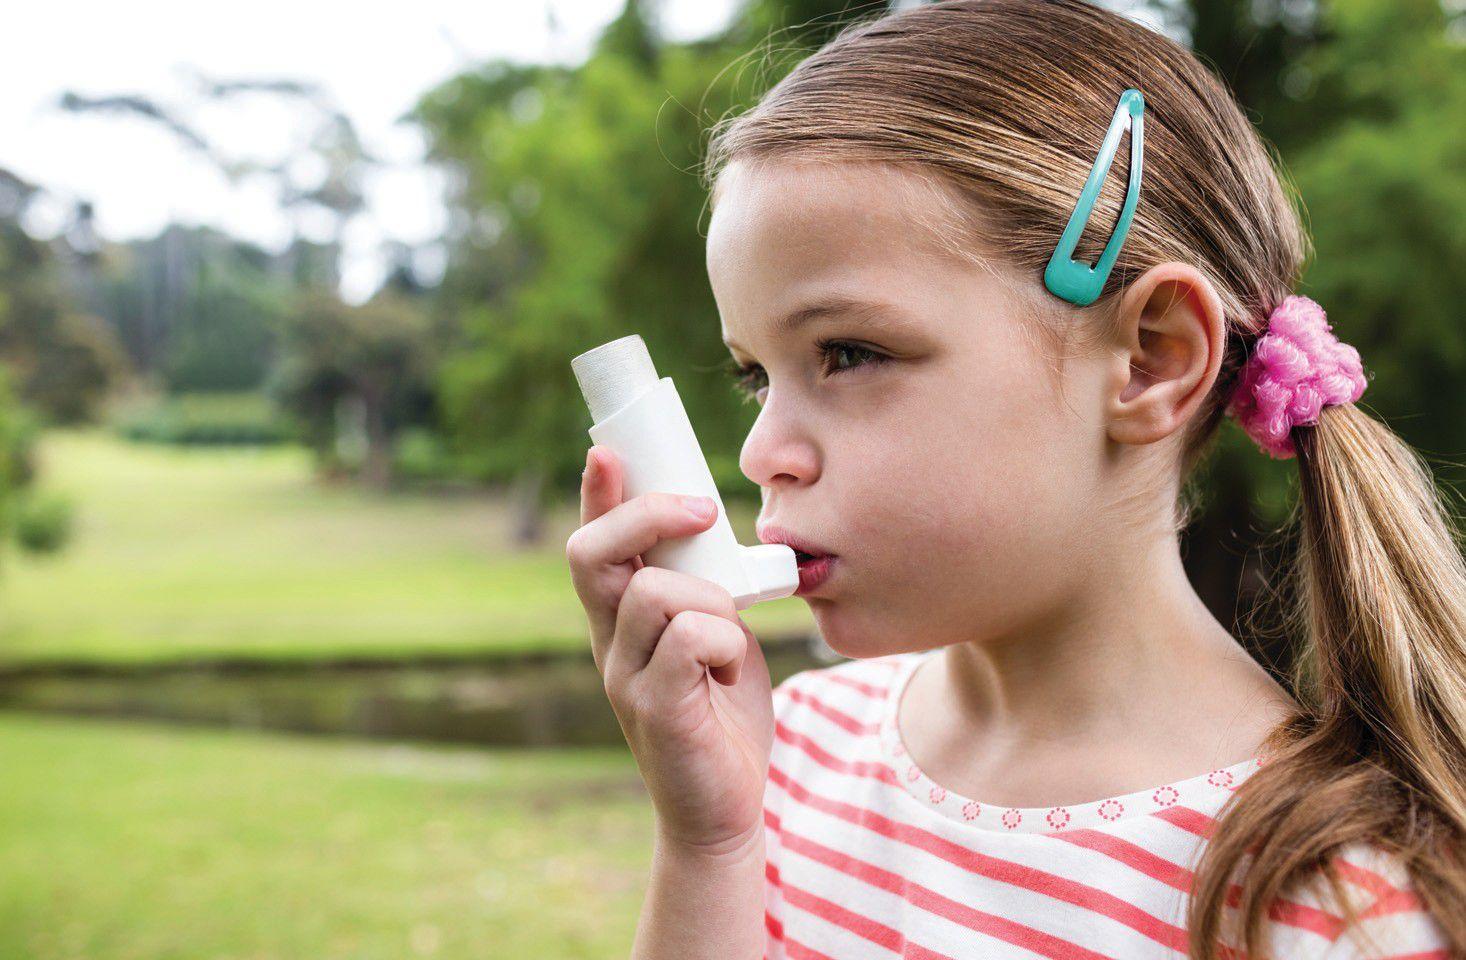 آسم کودکان در ایران چقدر شایع است؟